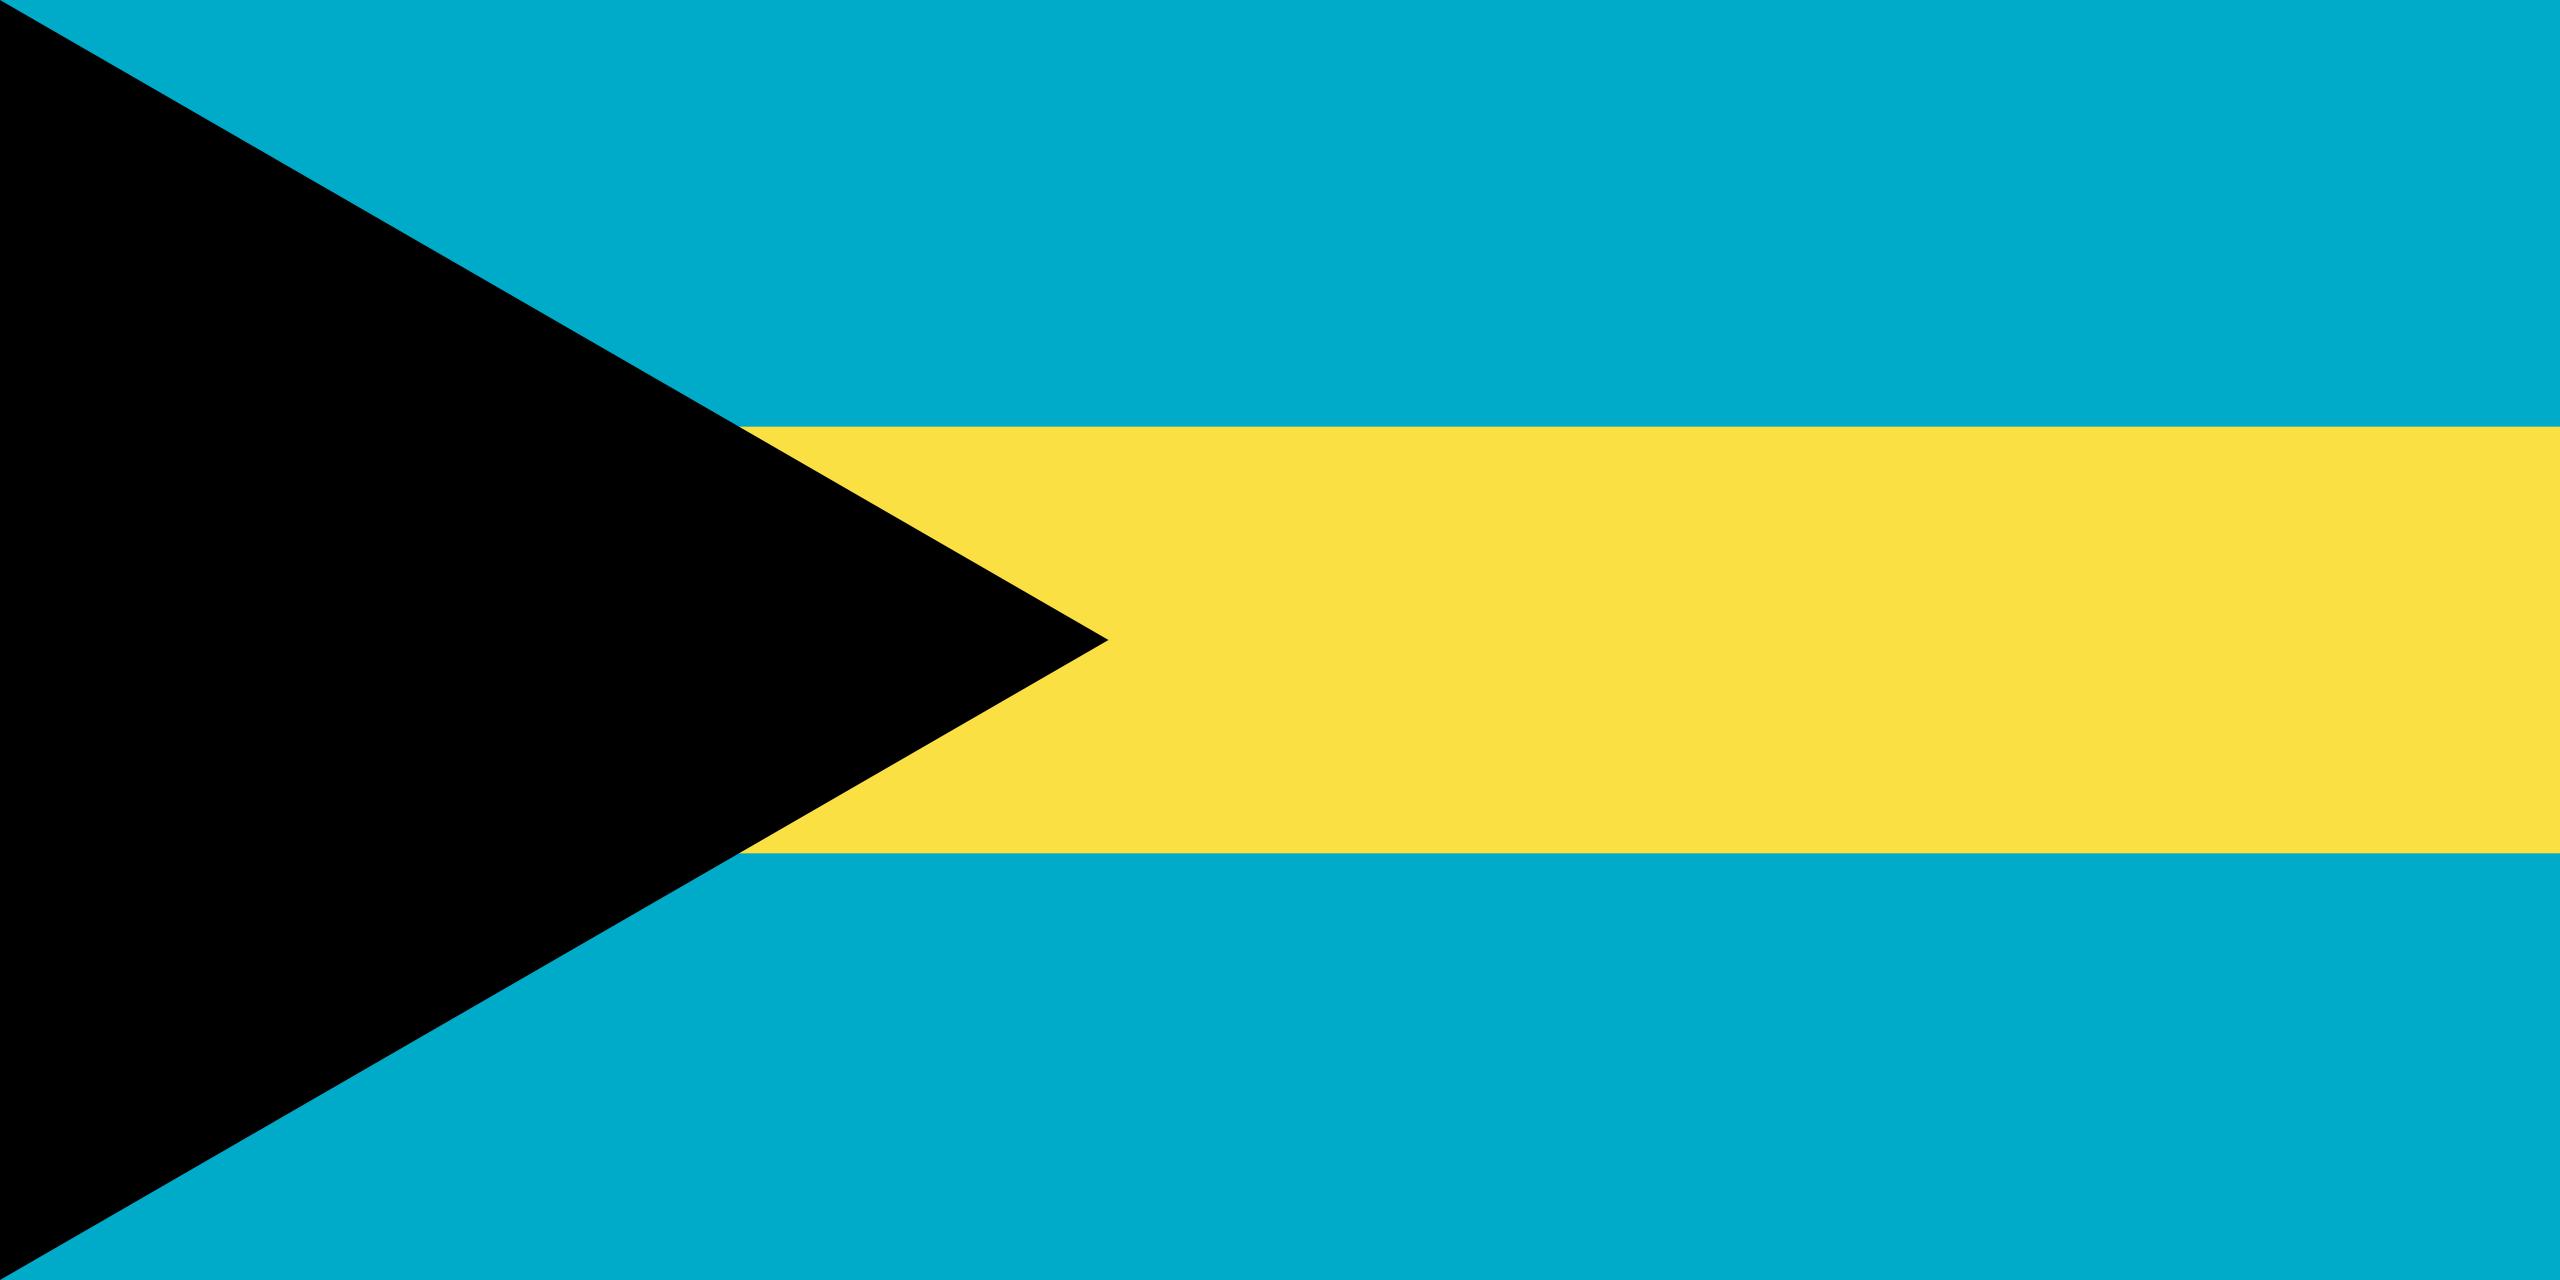 bahamas, país, emblema, insignia, シンボル - HD の壁紙 - 教授-falken.com